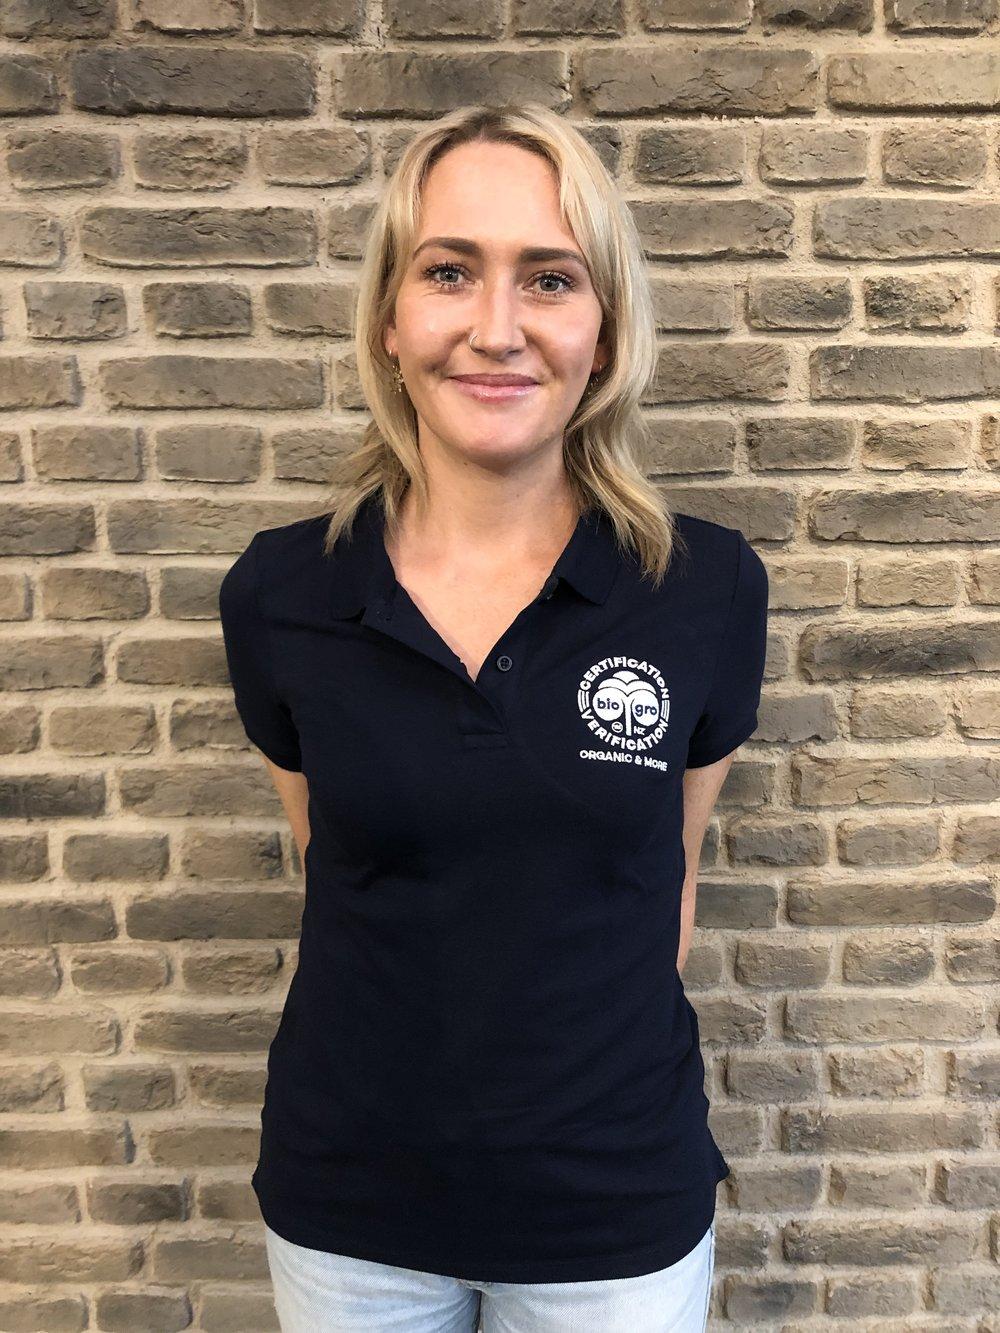 Janelle Bennett, Certification Officer